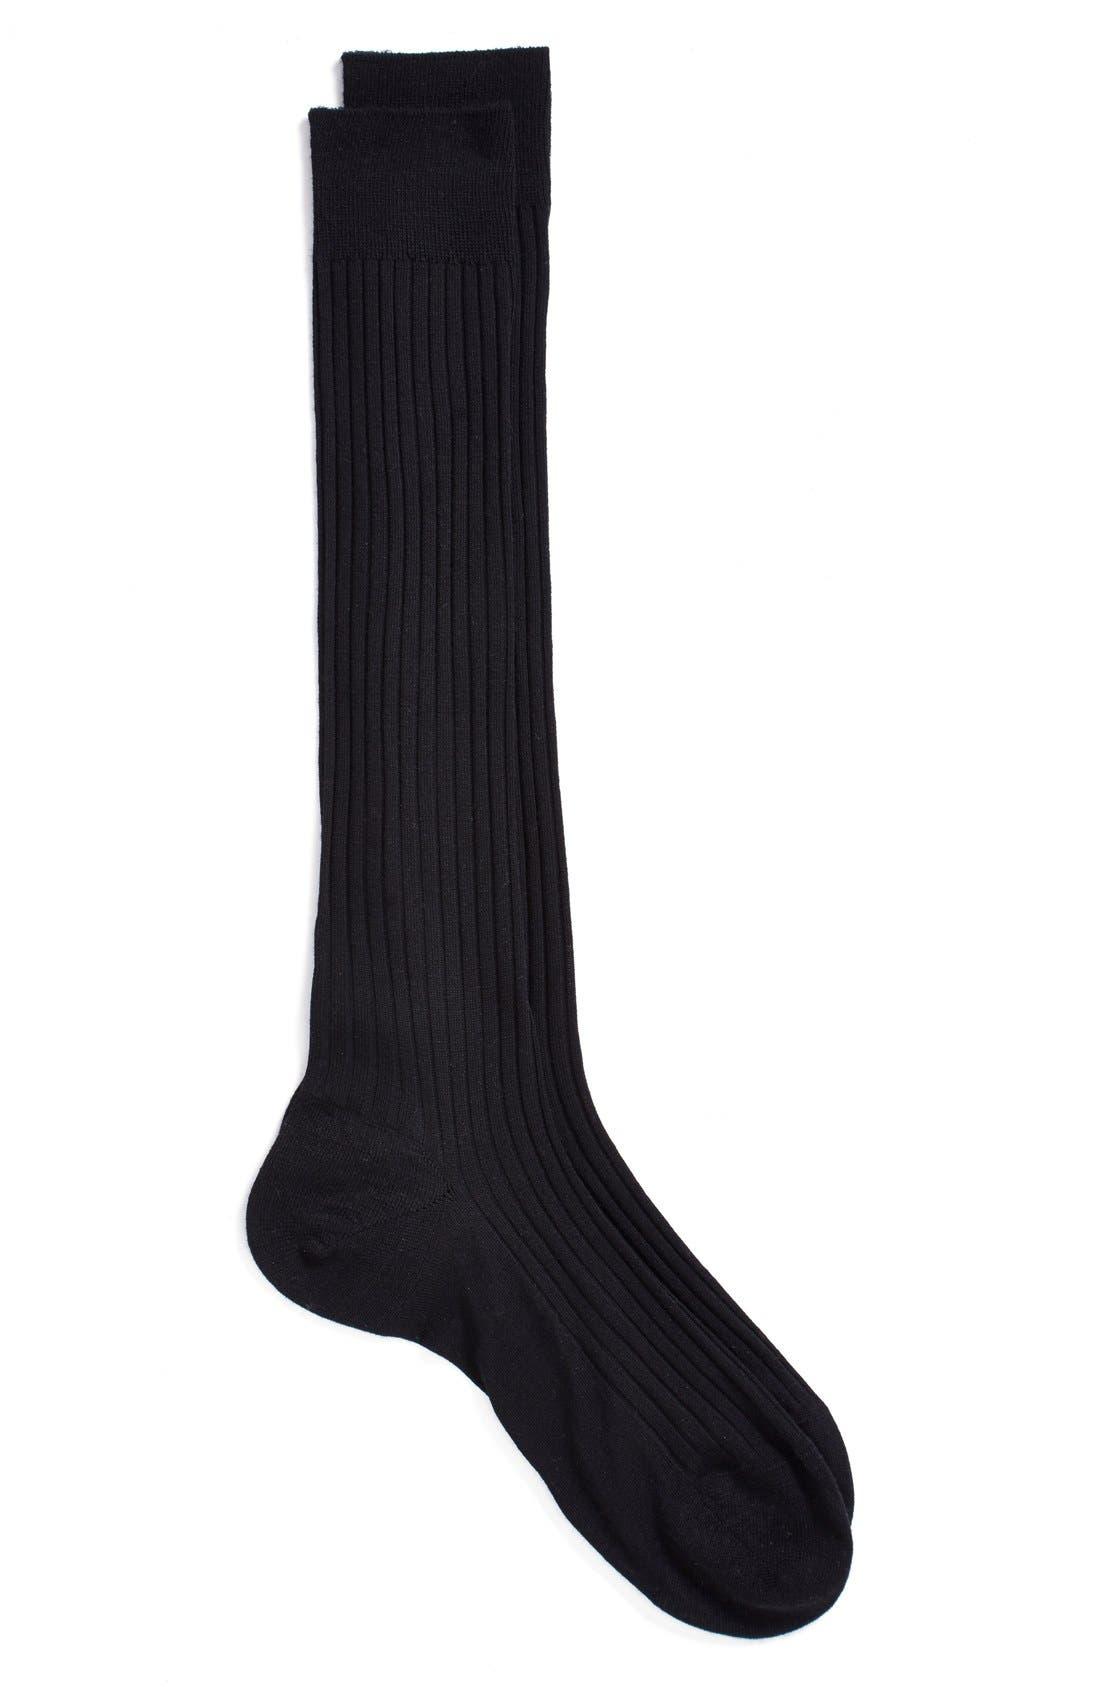 Merino Wool Blend Over-the-Knee Socks,                         Main,                         color, Black